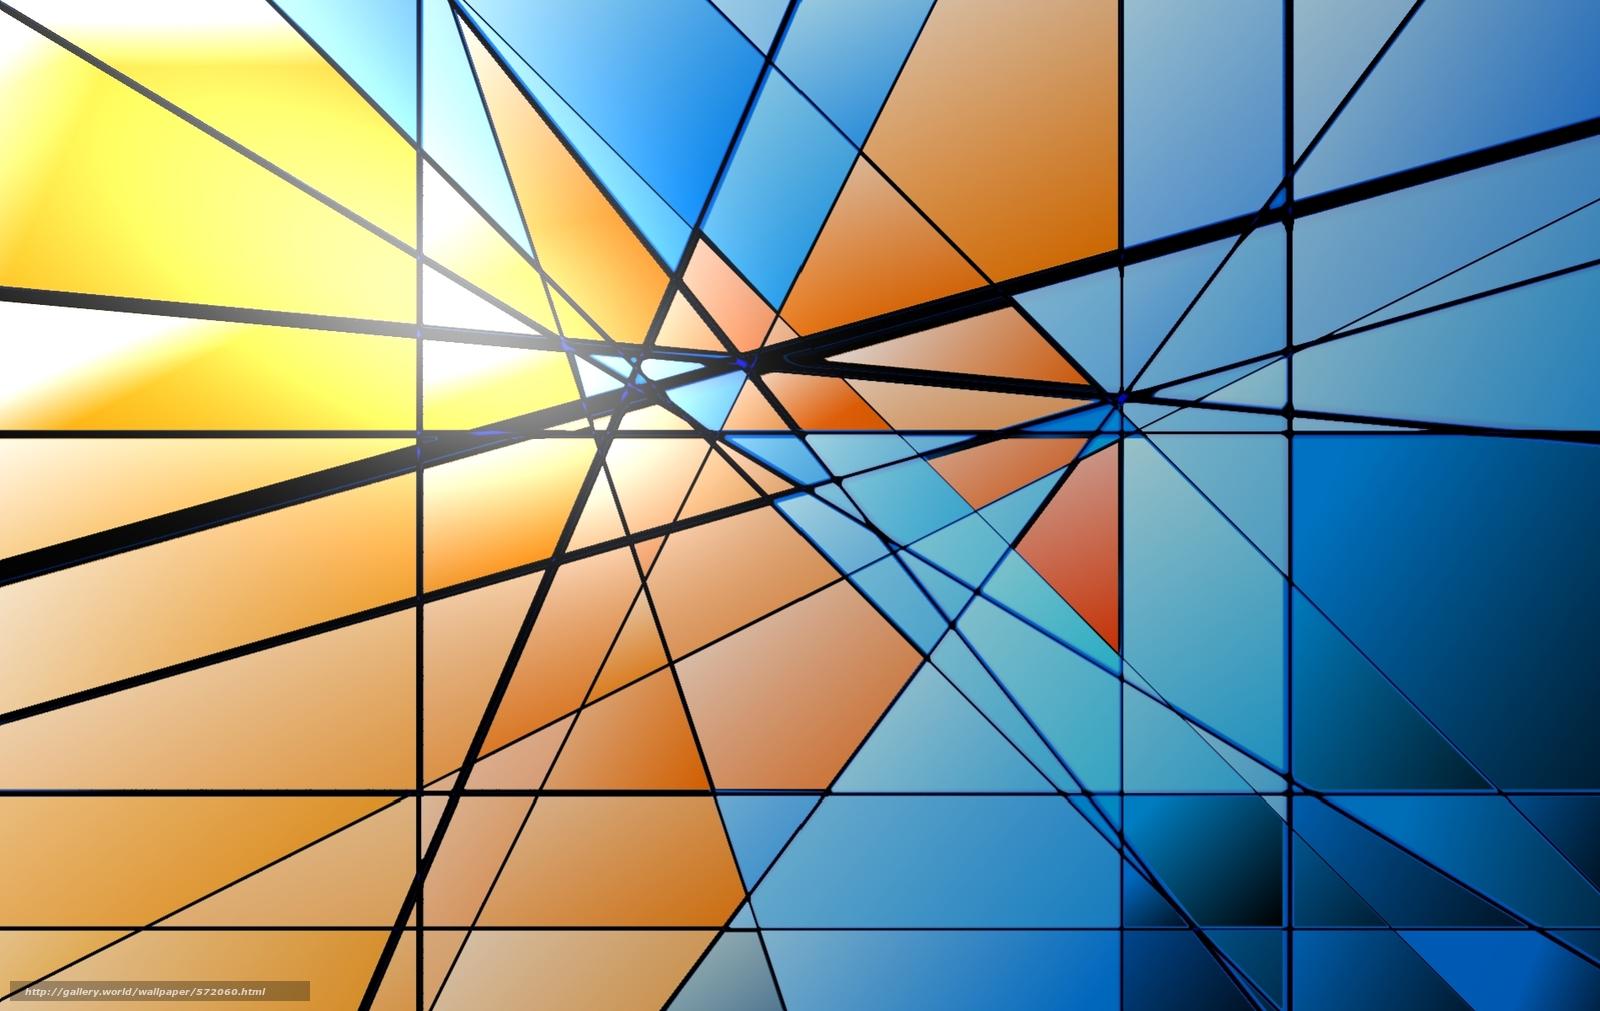 Скачать обои абстракция,  3d,  art бесплатно для рабочего стола в разрешении 1900x1200 — картинка №572060